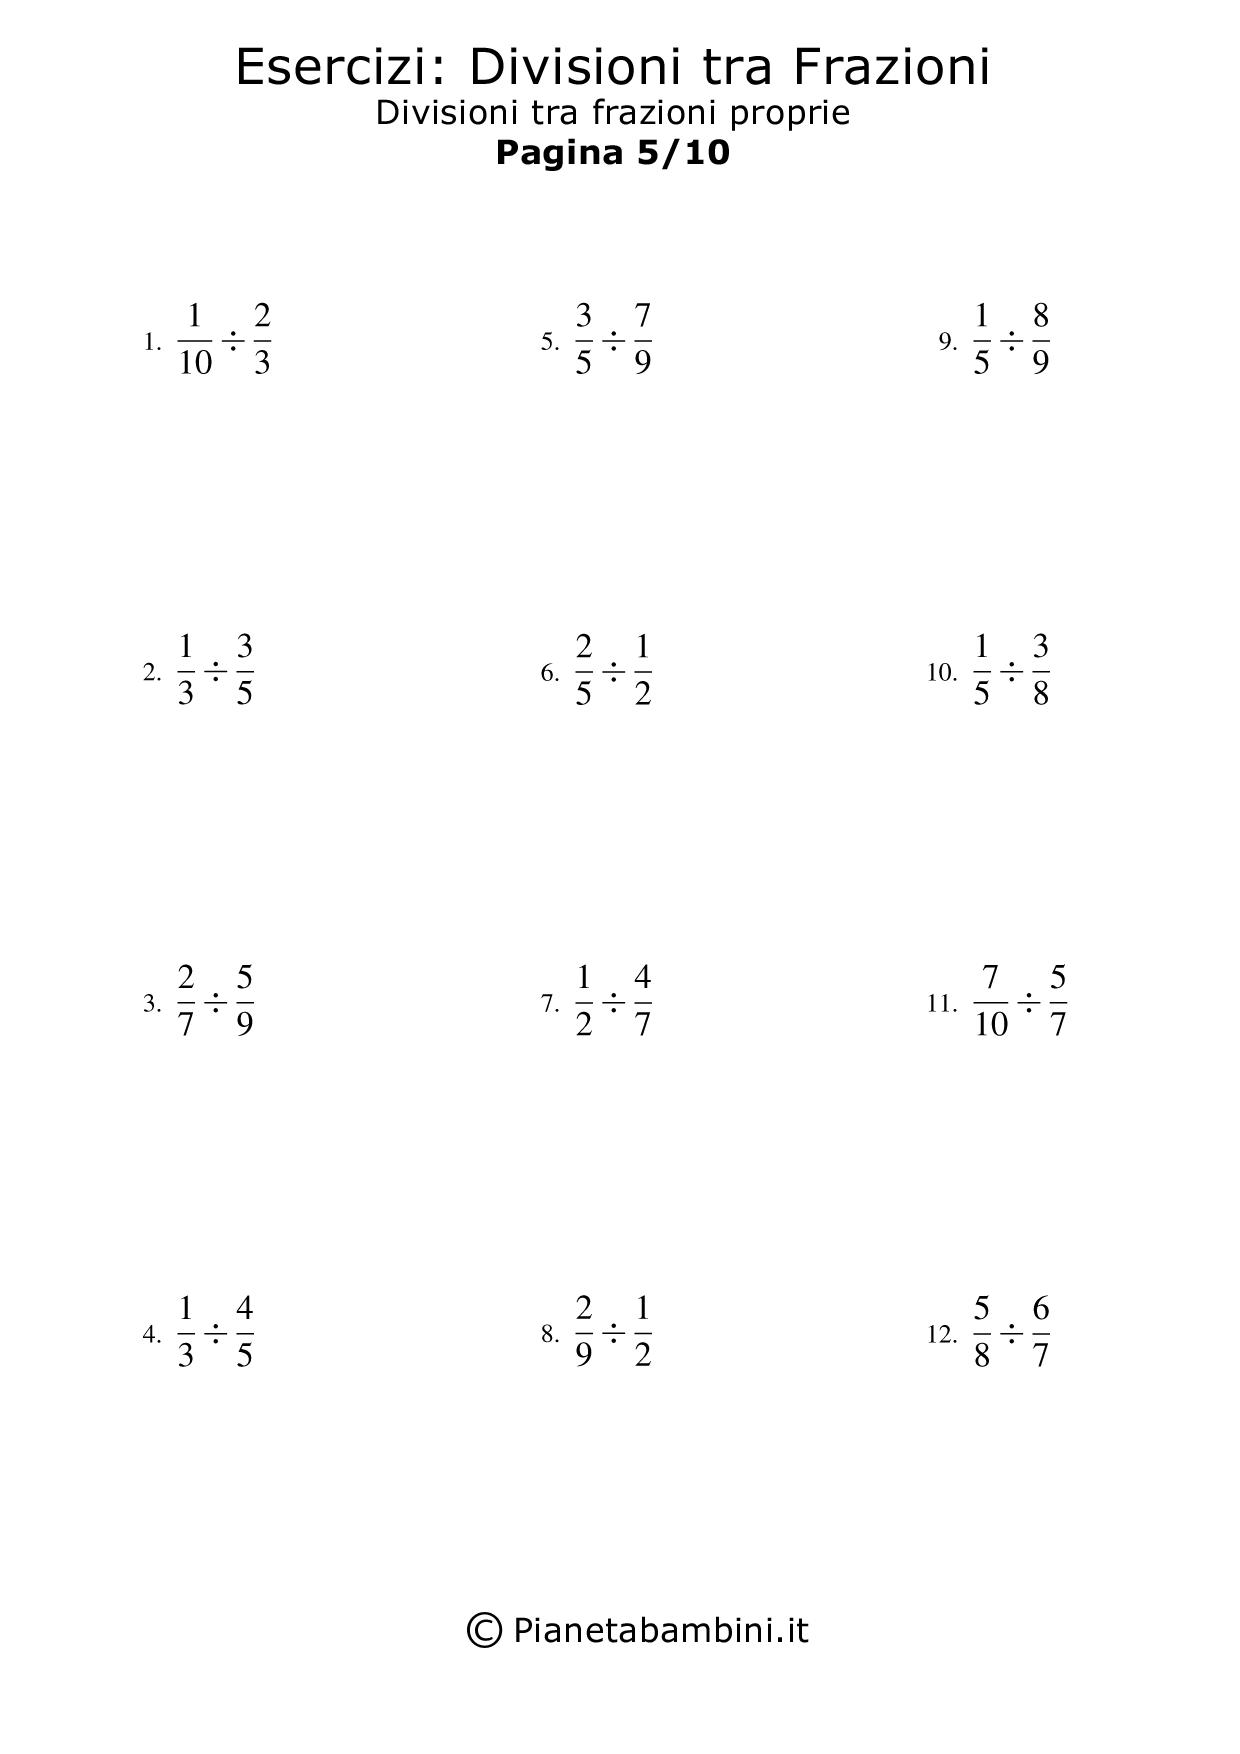 Esercizi-Divisioni-Frazioni-Proprie_05